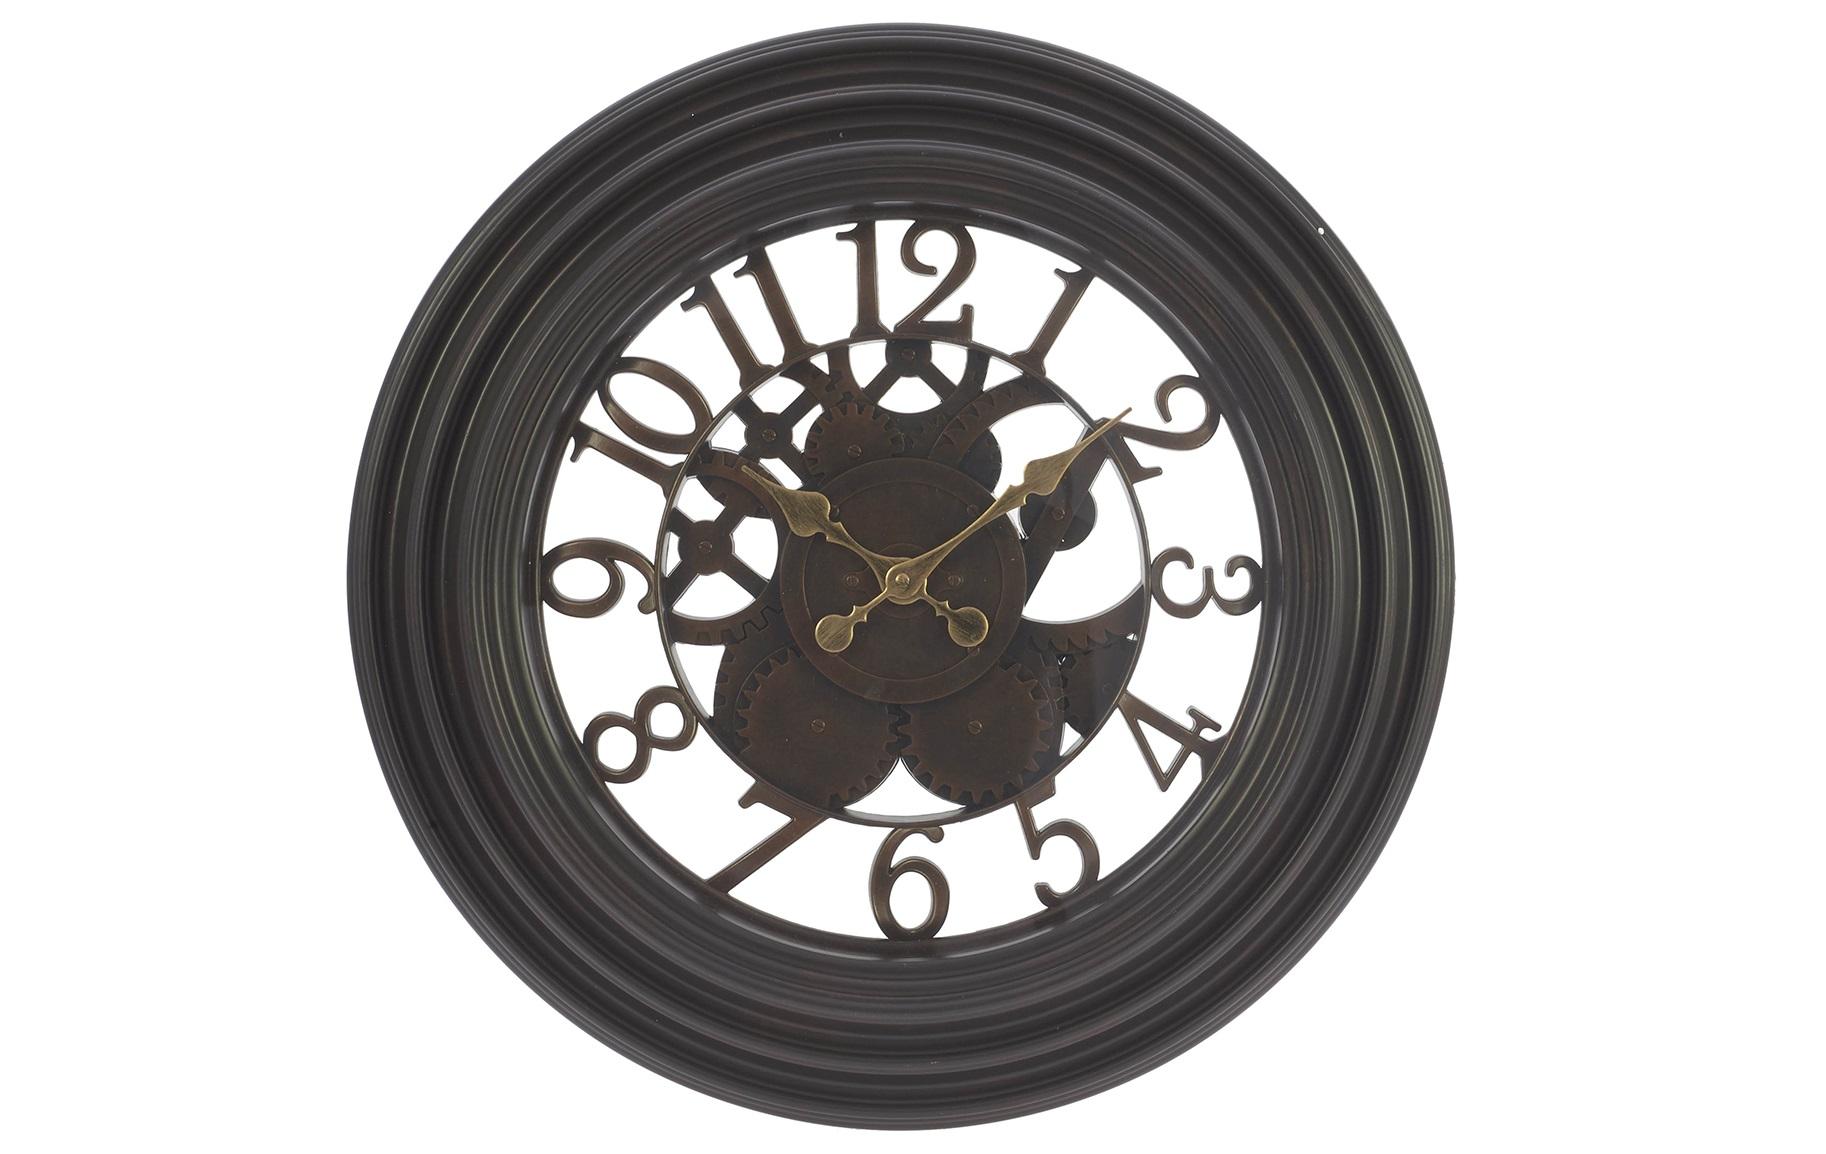 Настенные часы AshleyНастенные часы<br>Кварцевый механизм.<br><br>Material: Пластик<br>Глубина см: 7